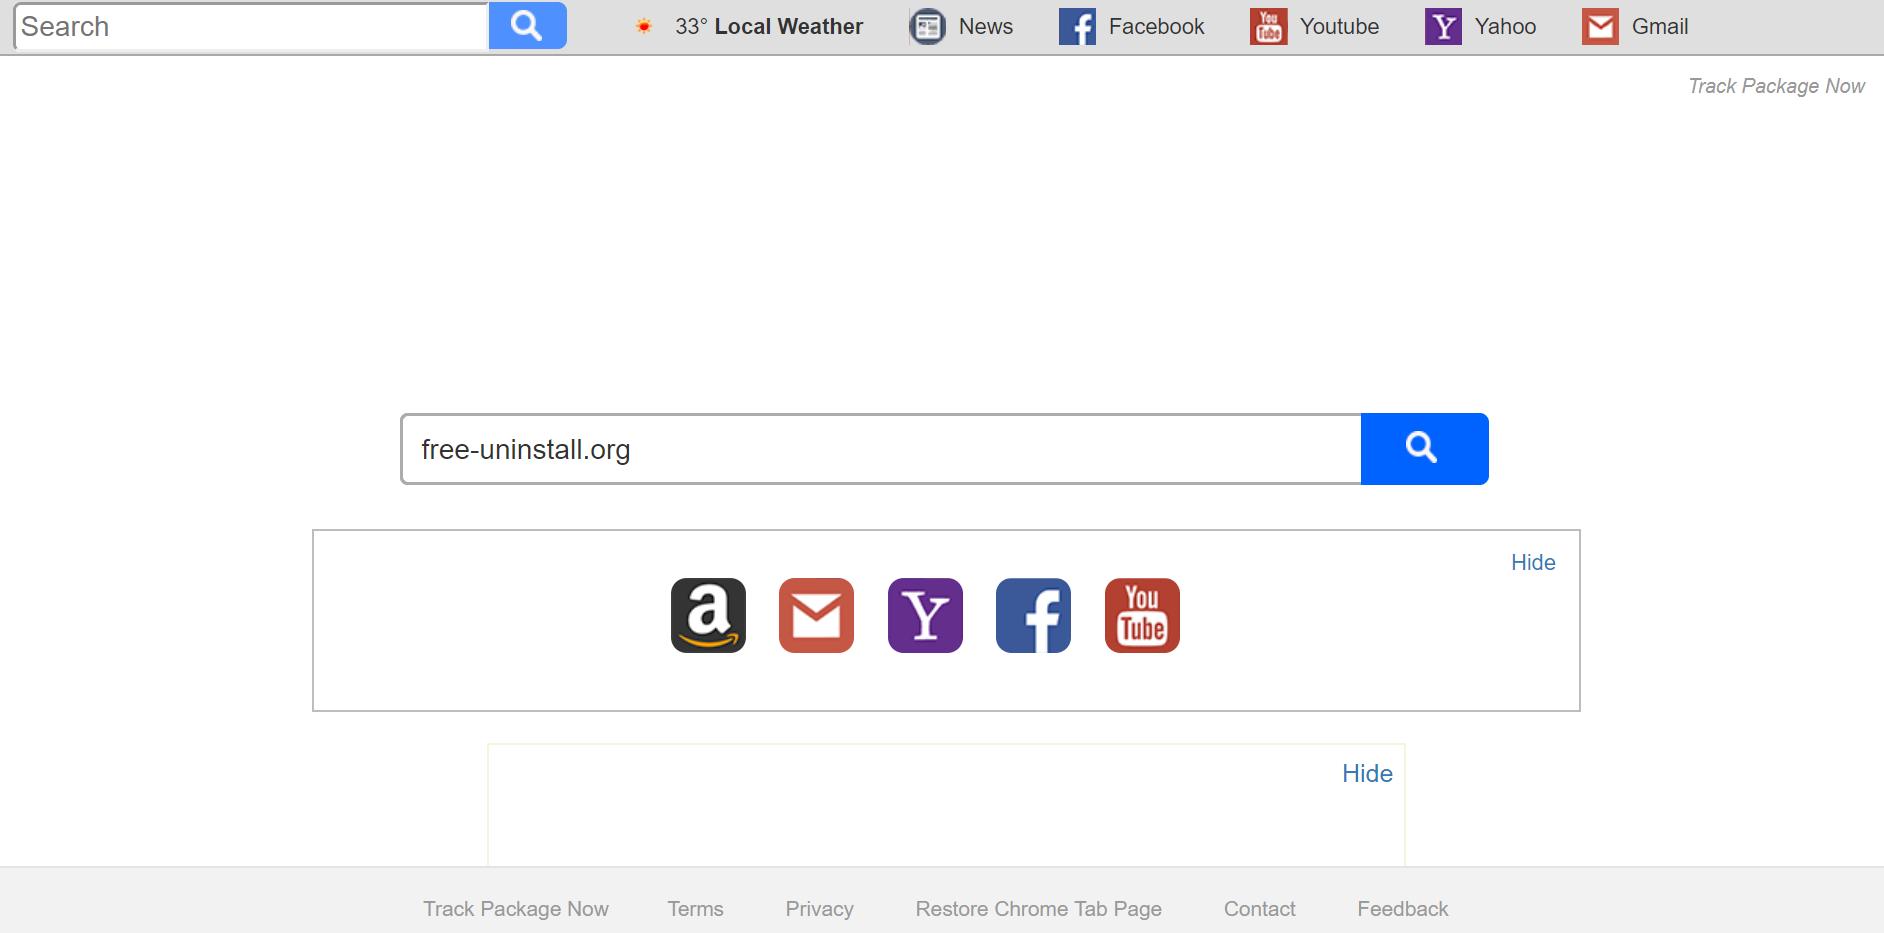 Search.searchtpn.com Hijacker